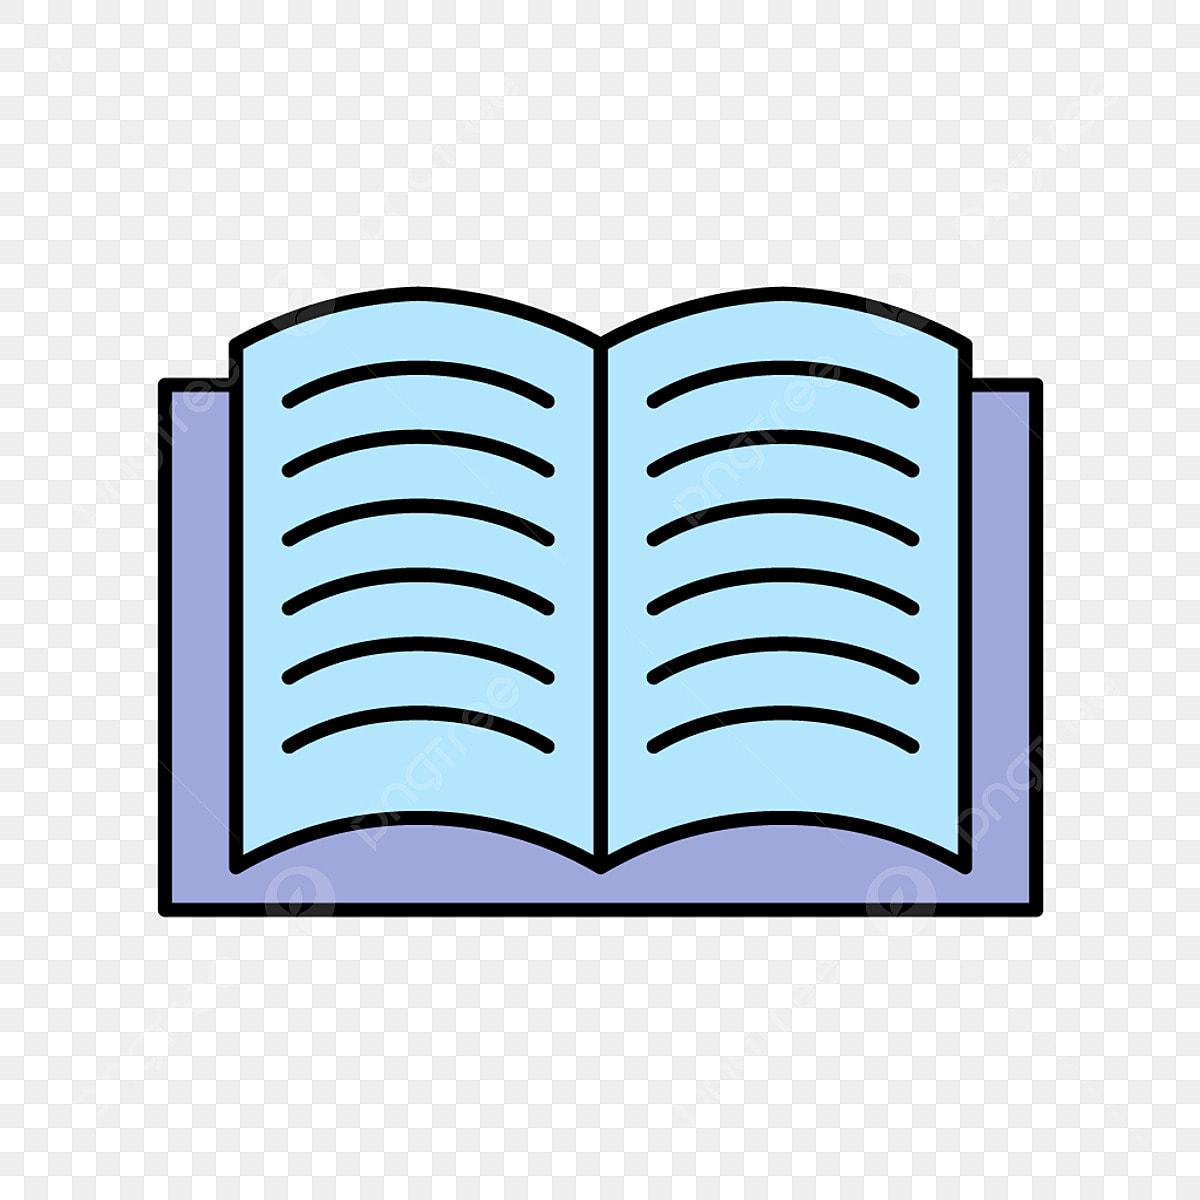 Licone Vecteur Livre Ouvert Livre Livre Icone Conception